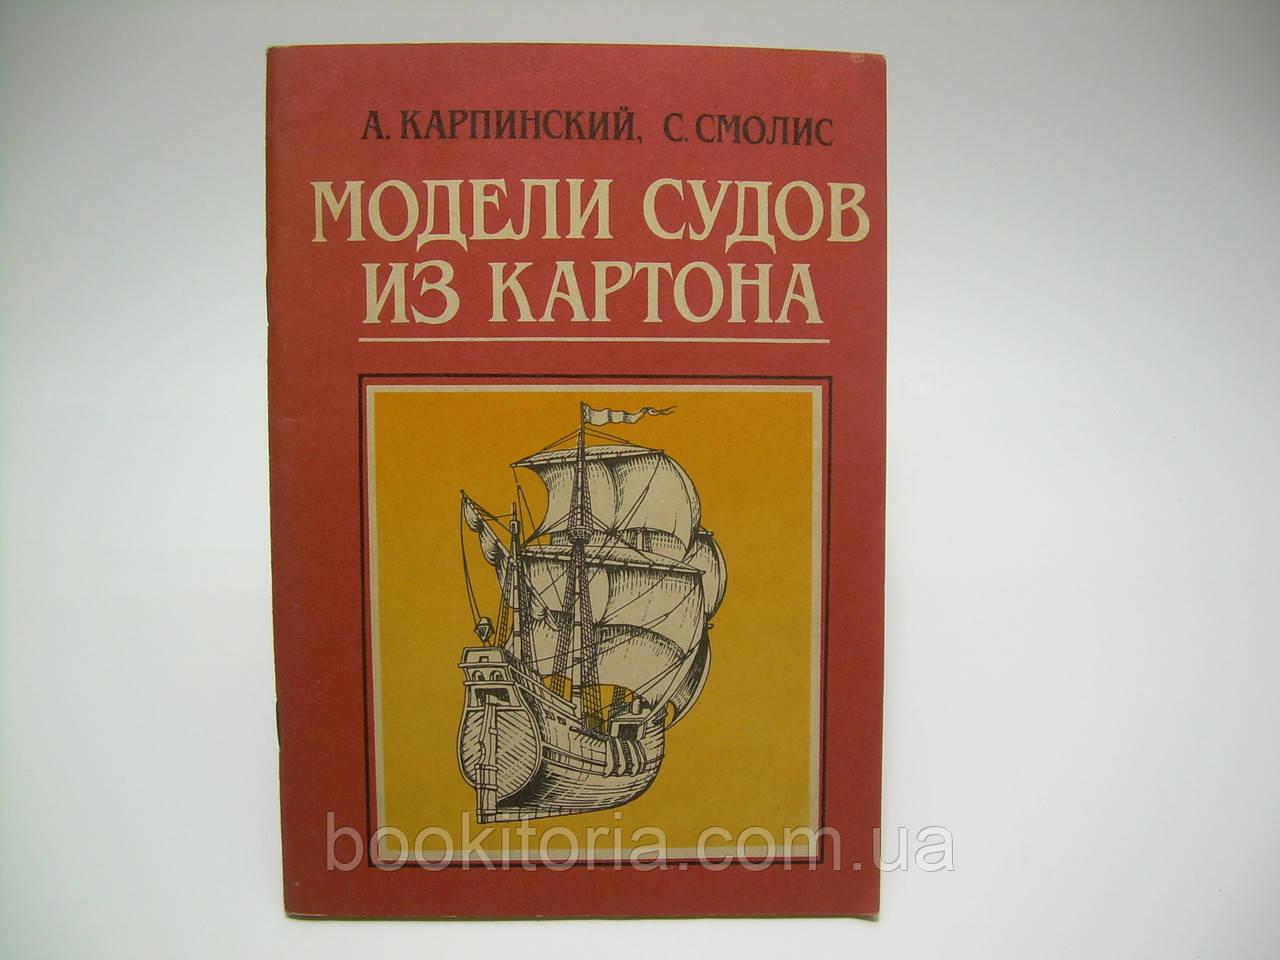 Карпинский А., Смолис С. Модели судов из картона (б/у).